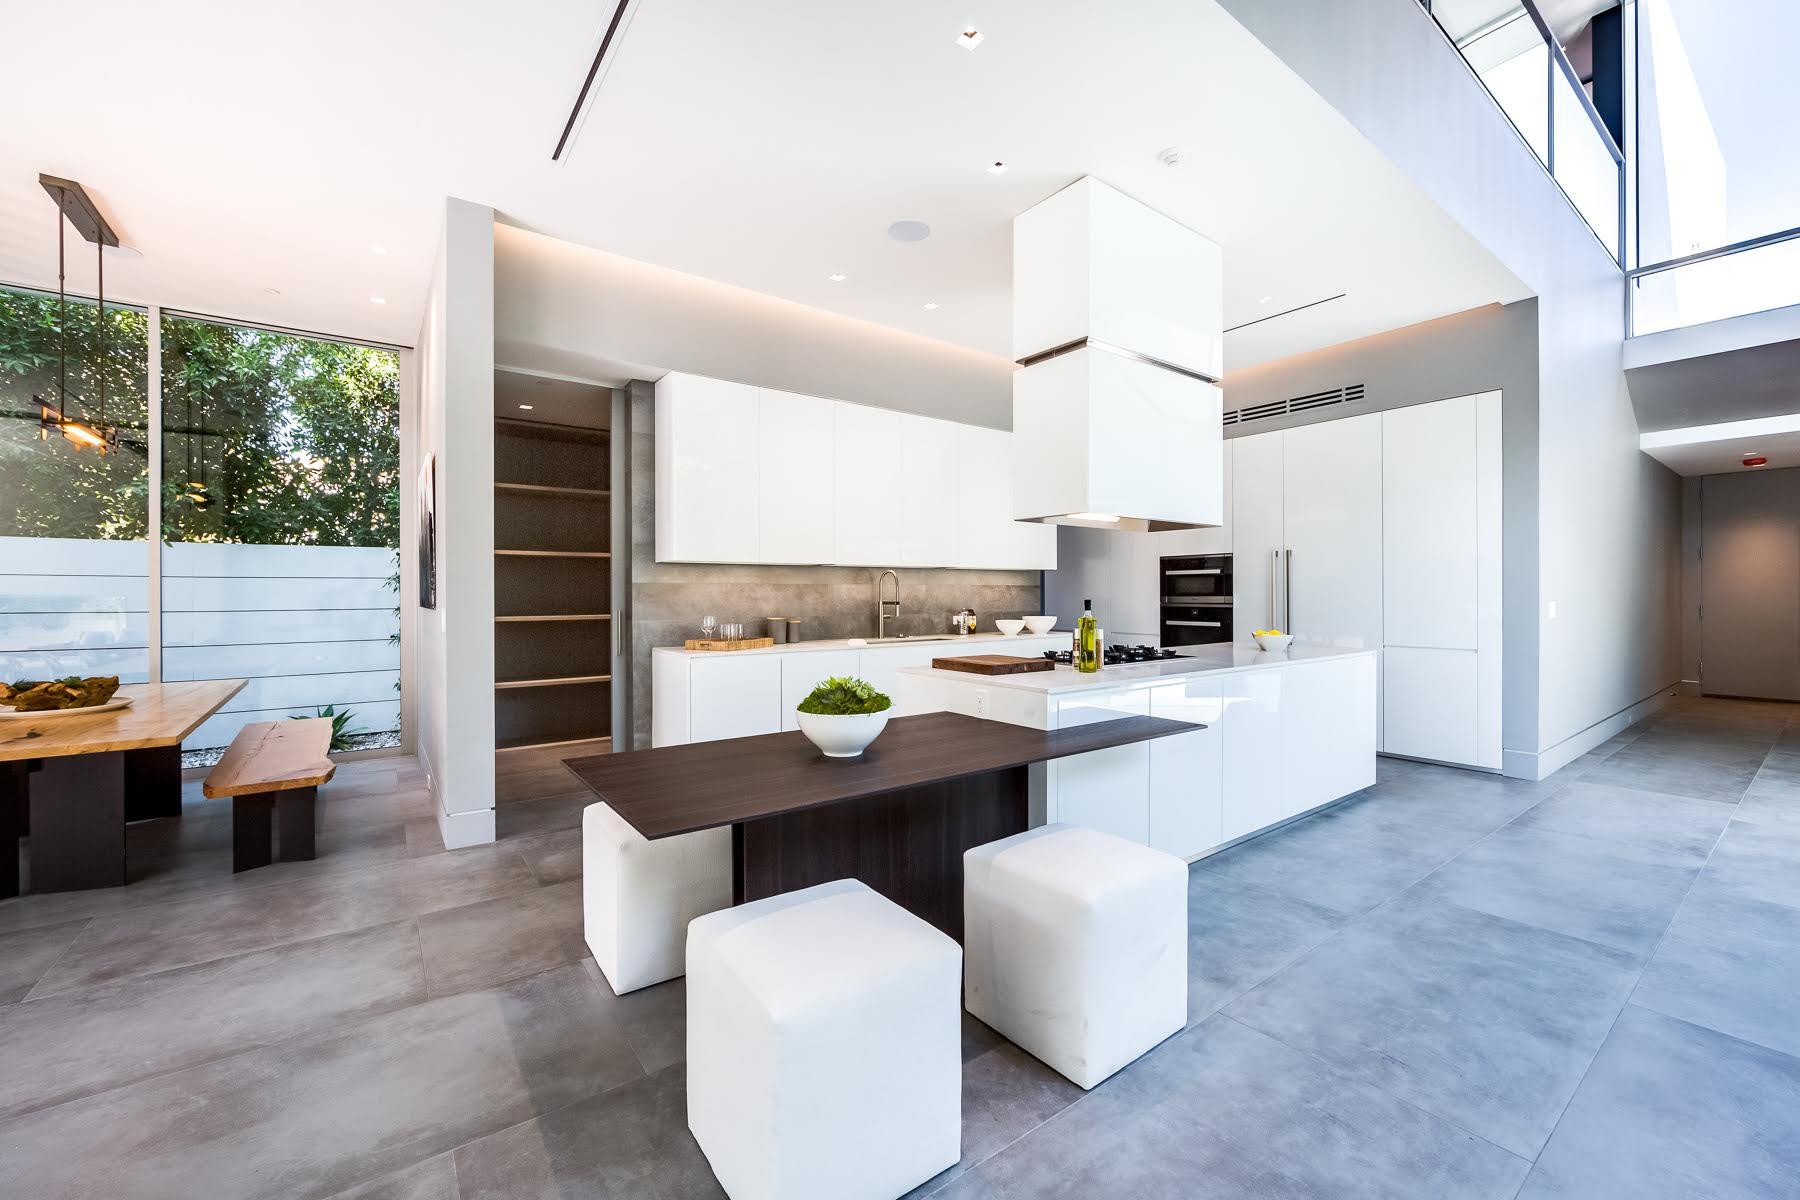 cuisine moderne blanche sans poignee maison darchitecte